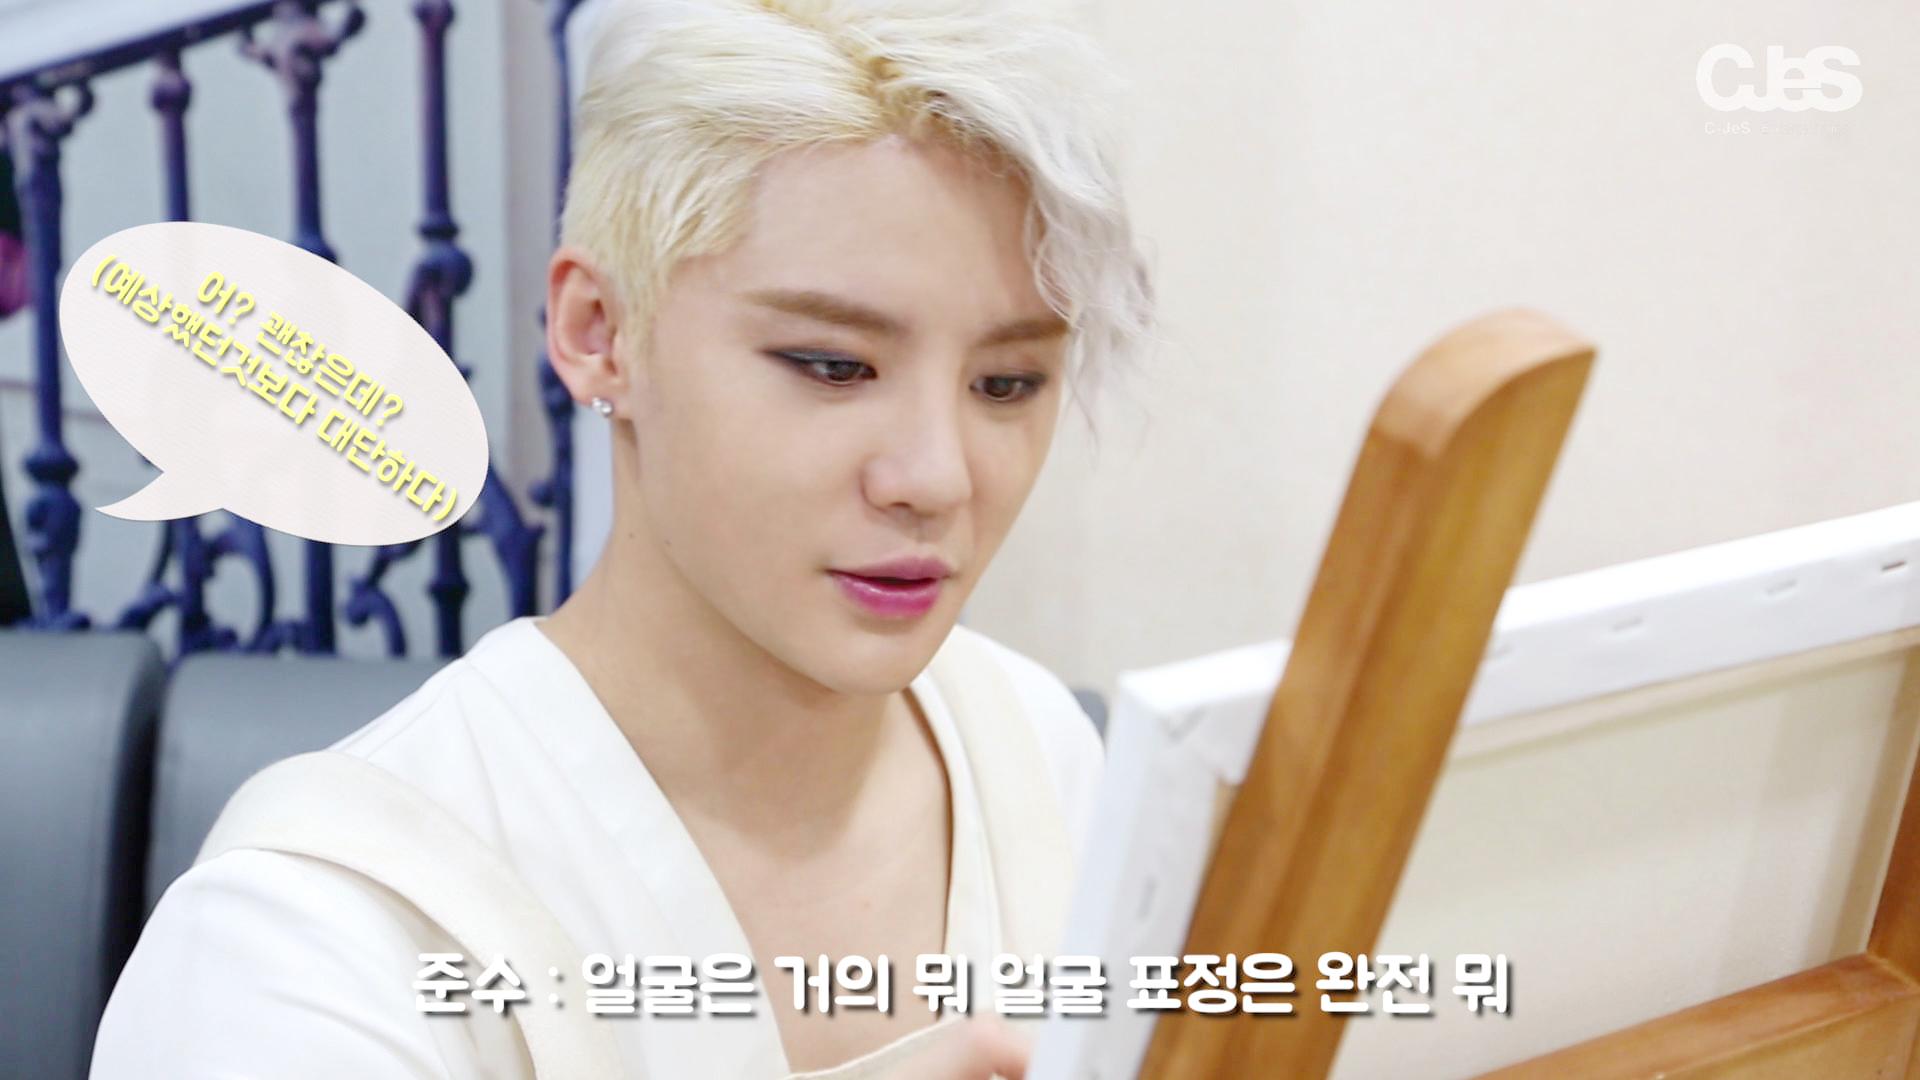 김준수 - '도리안 그레이'사생대회! 초상화 그리기